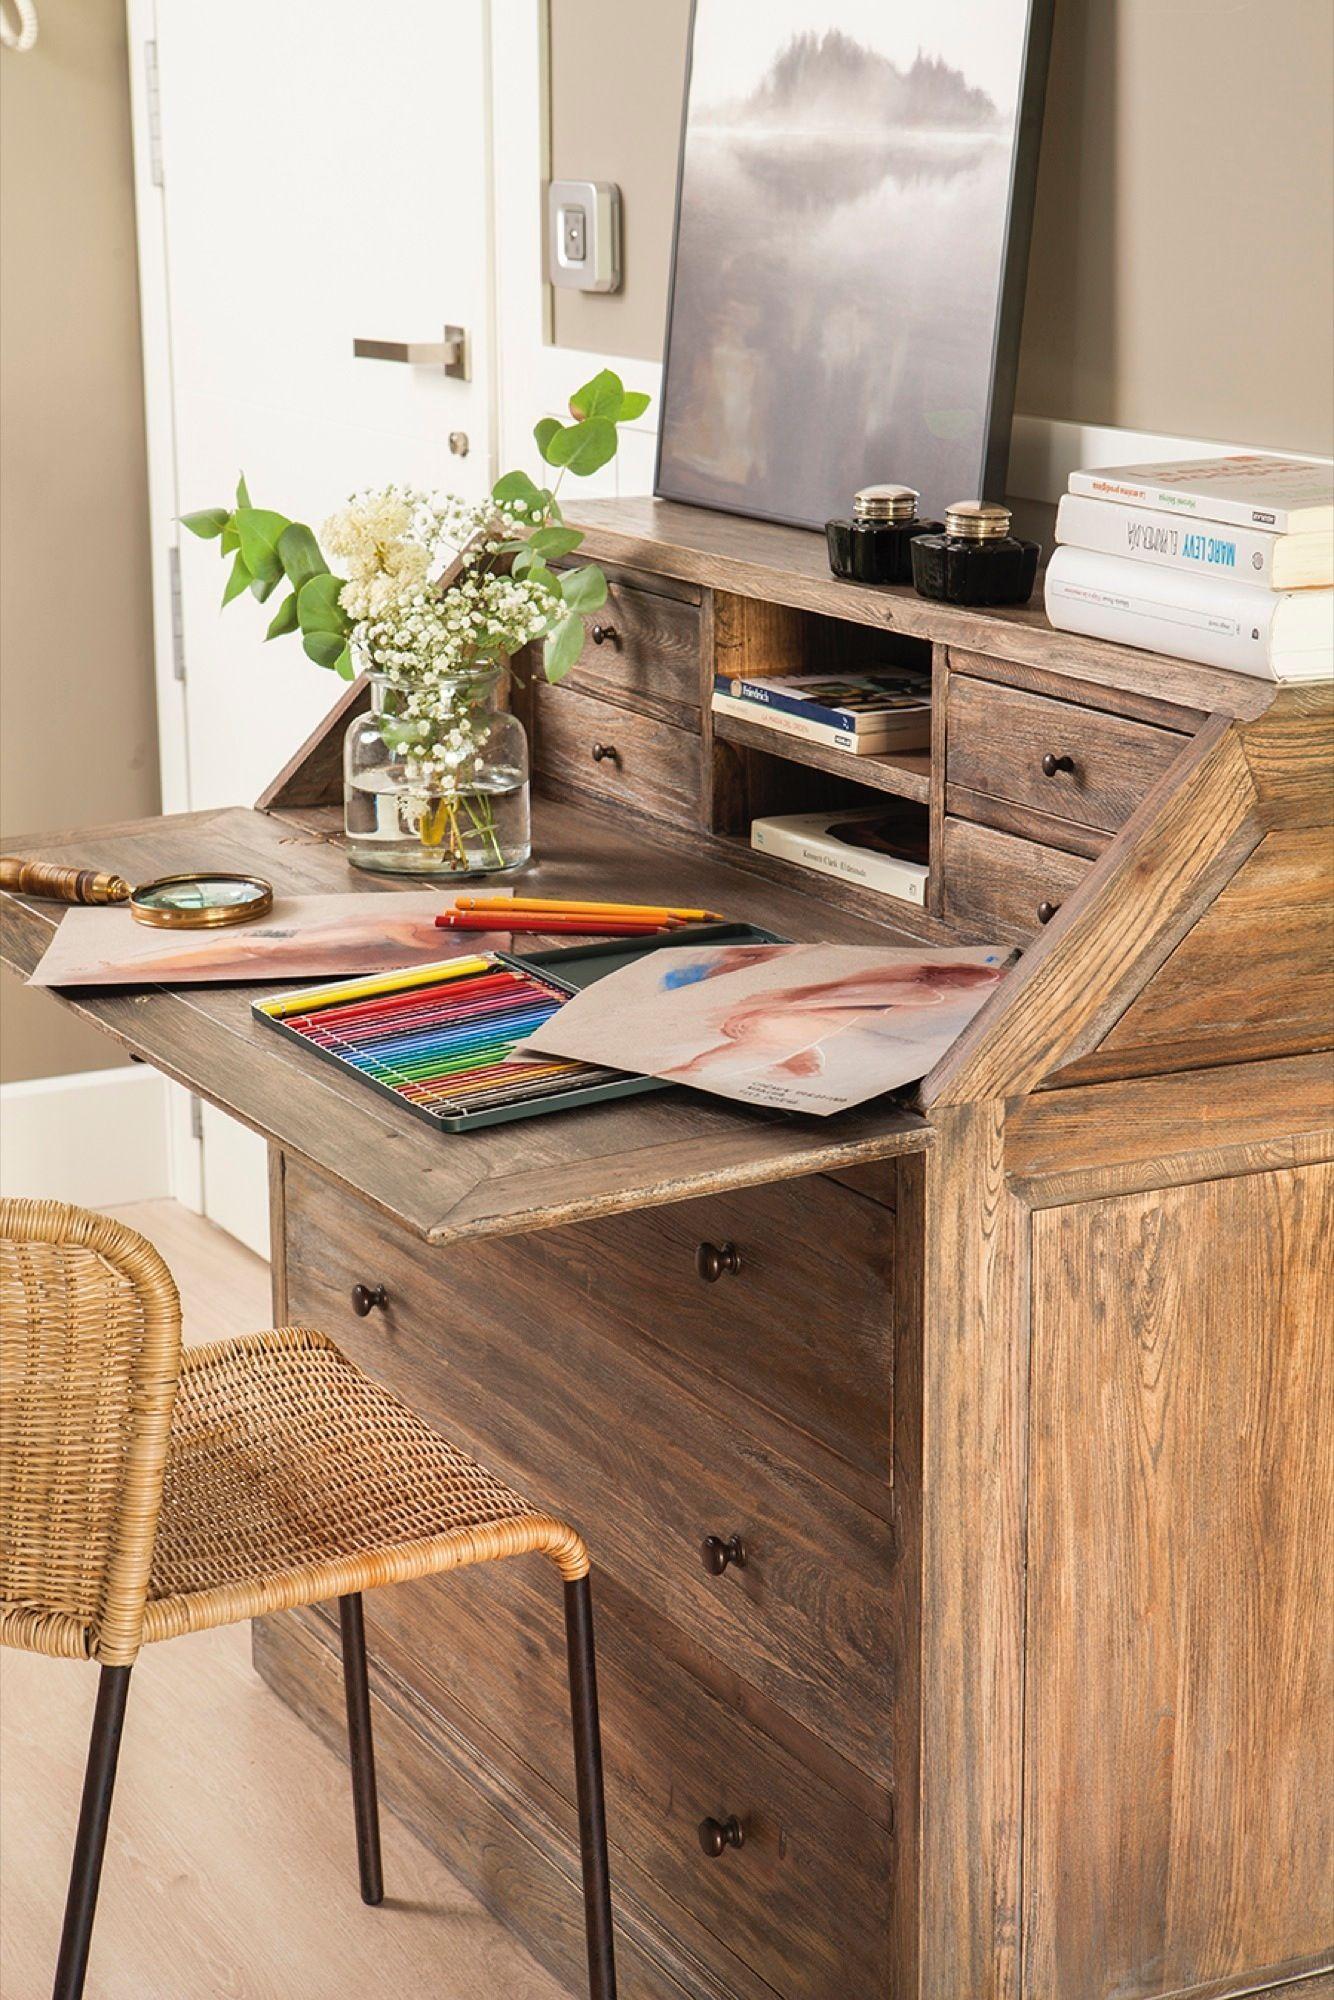 El Escritorio Eleg Un Bur Con Aspecto Antiguo Como Mueble De  # Muebles Punto Paso